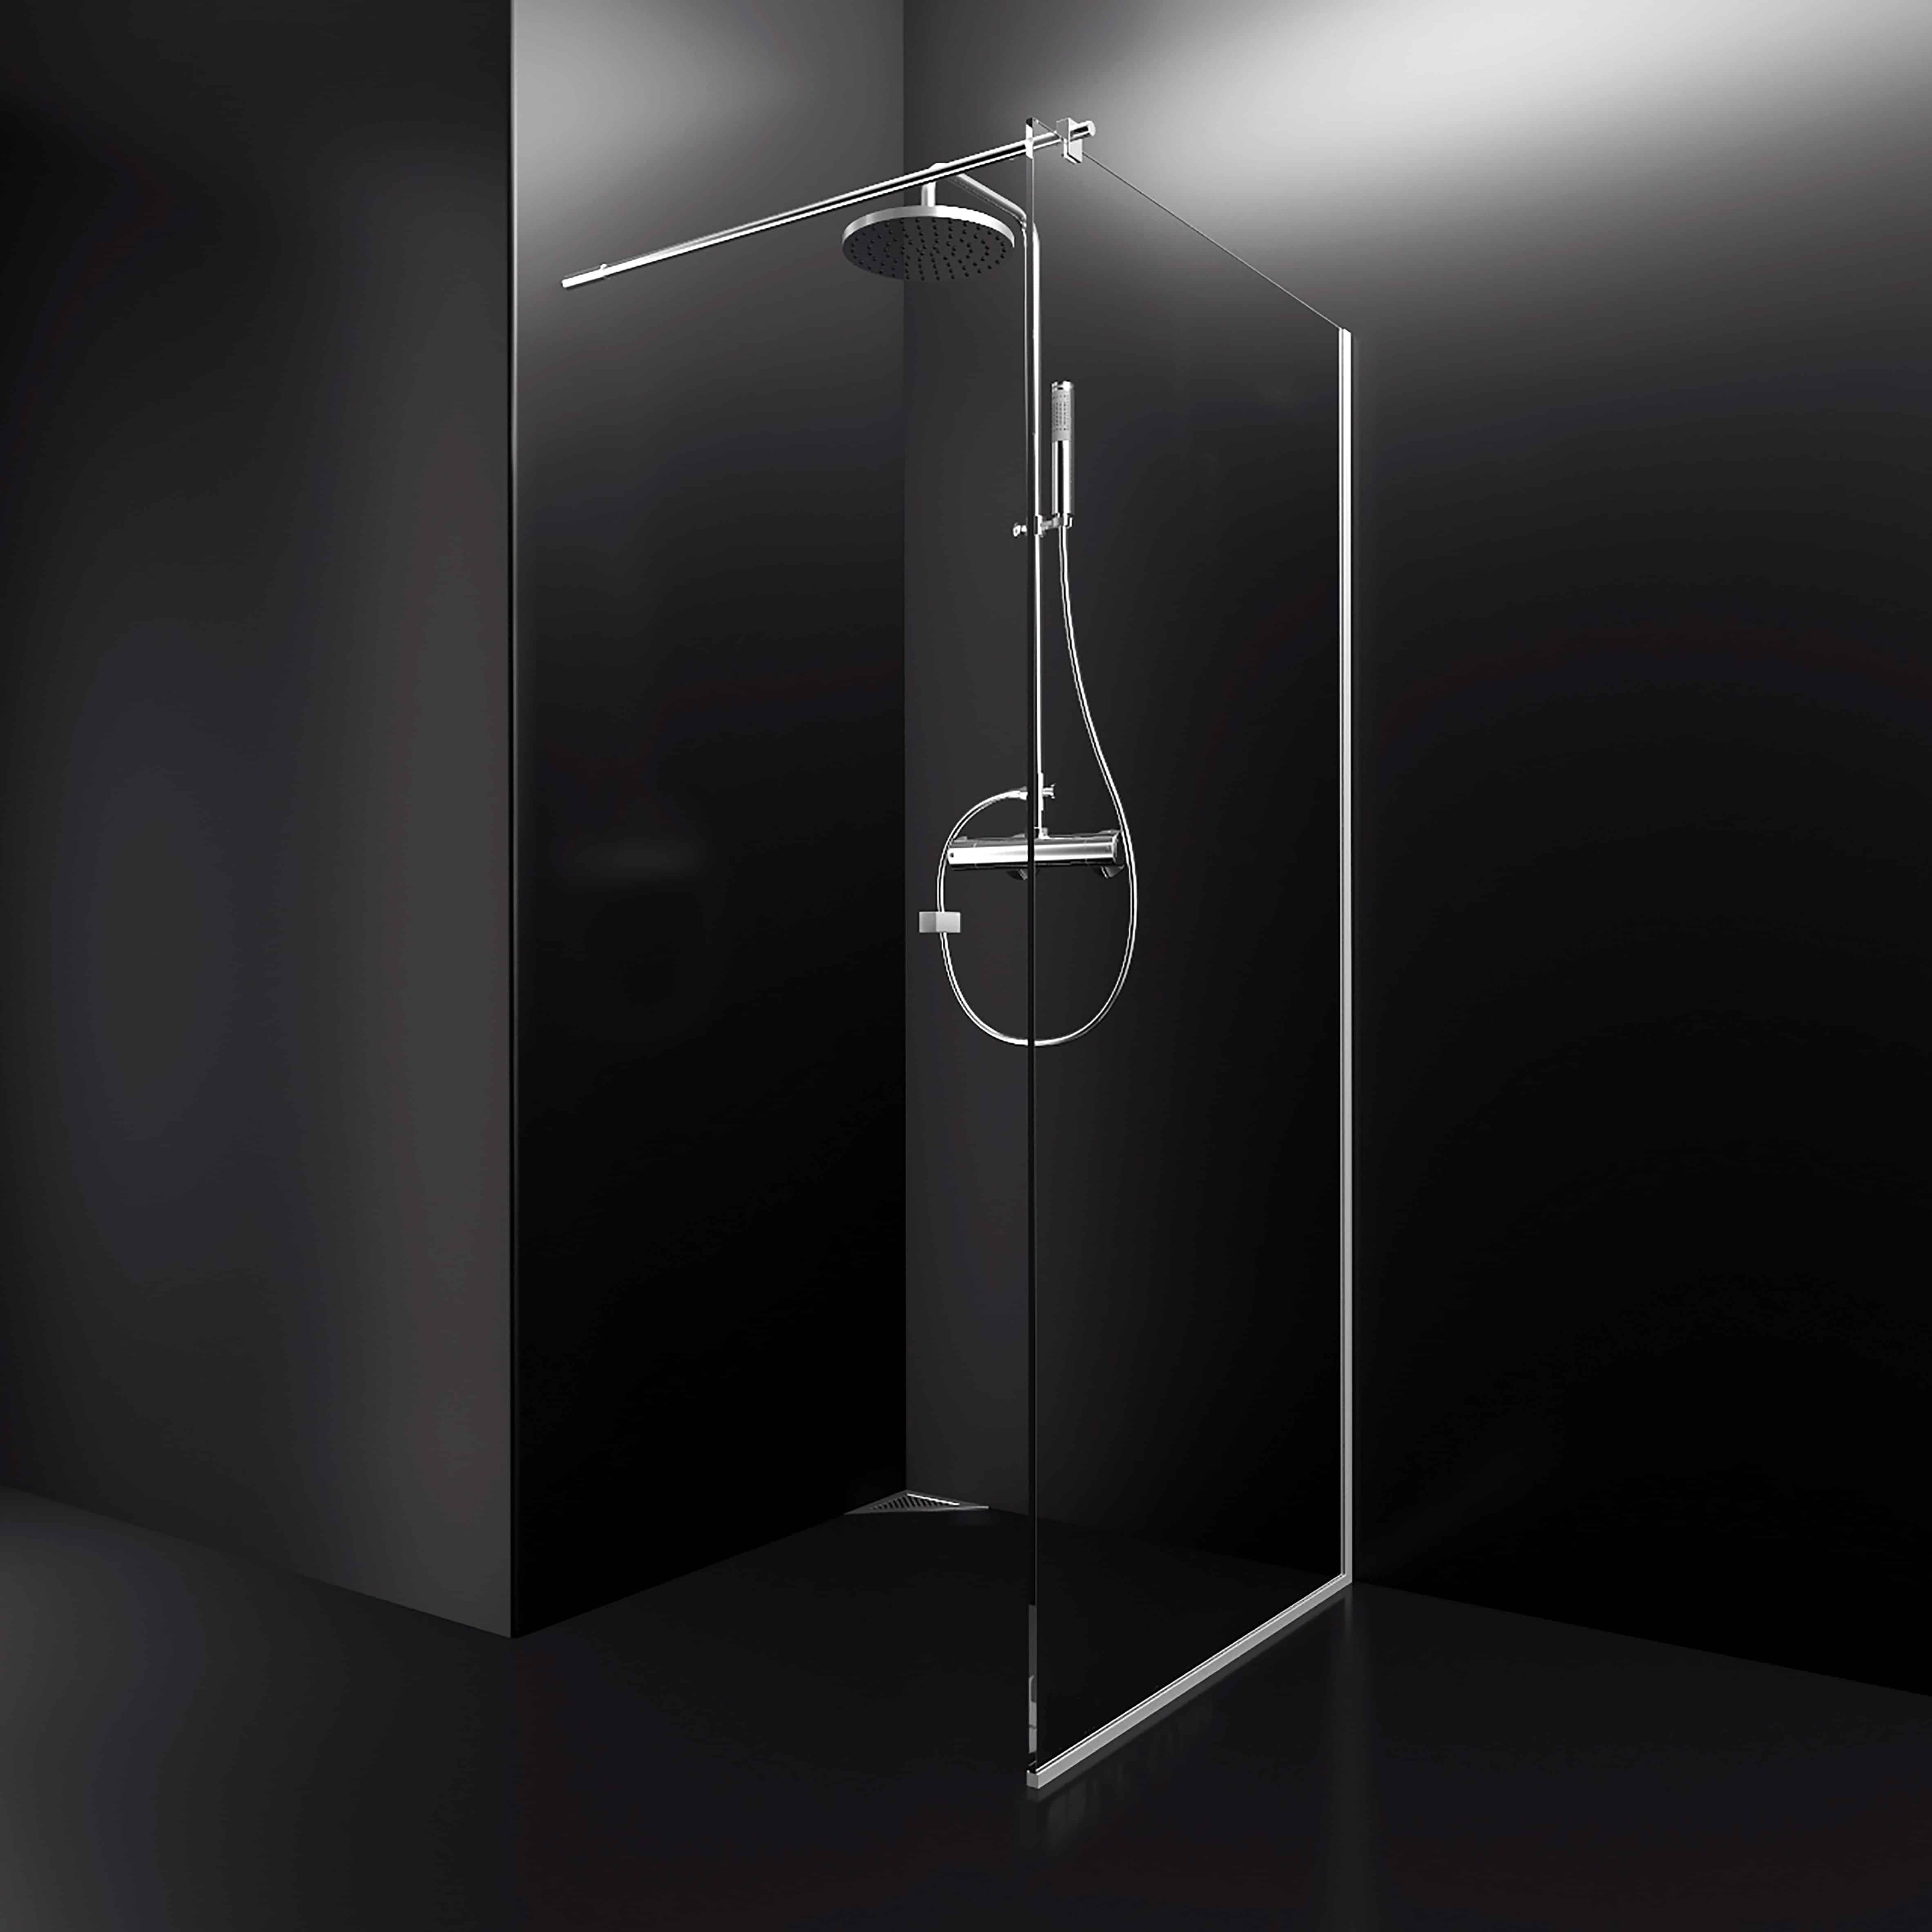 Le Glas Brusevæg model 1012